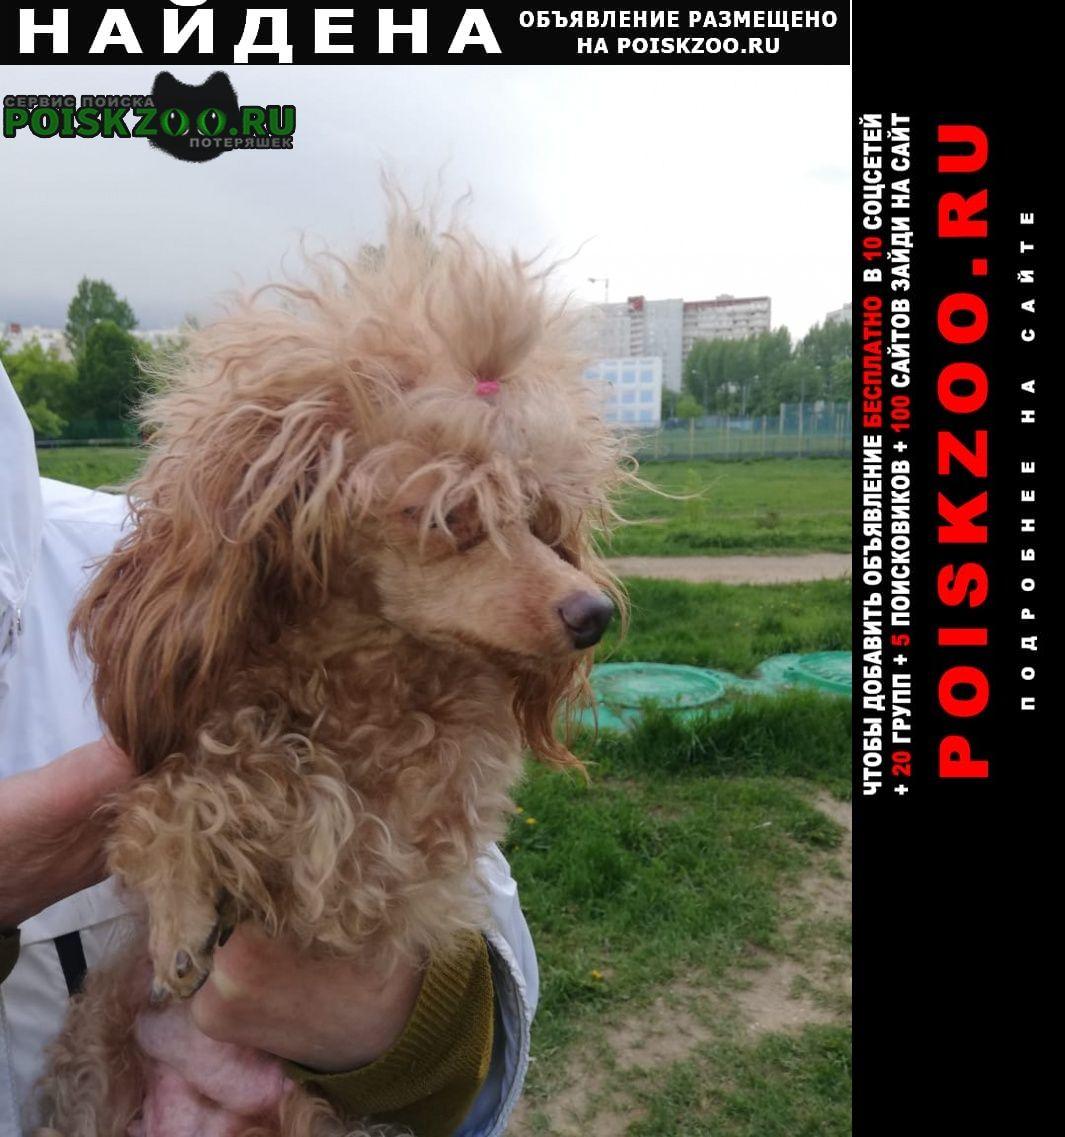 Найдена собака сука кормящая пудель персиковый люблино г.Москва